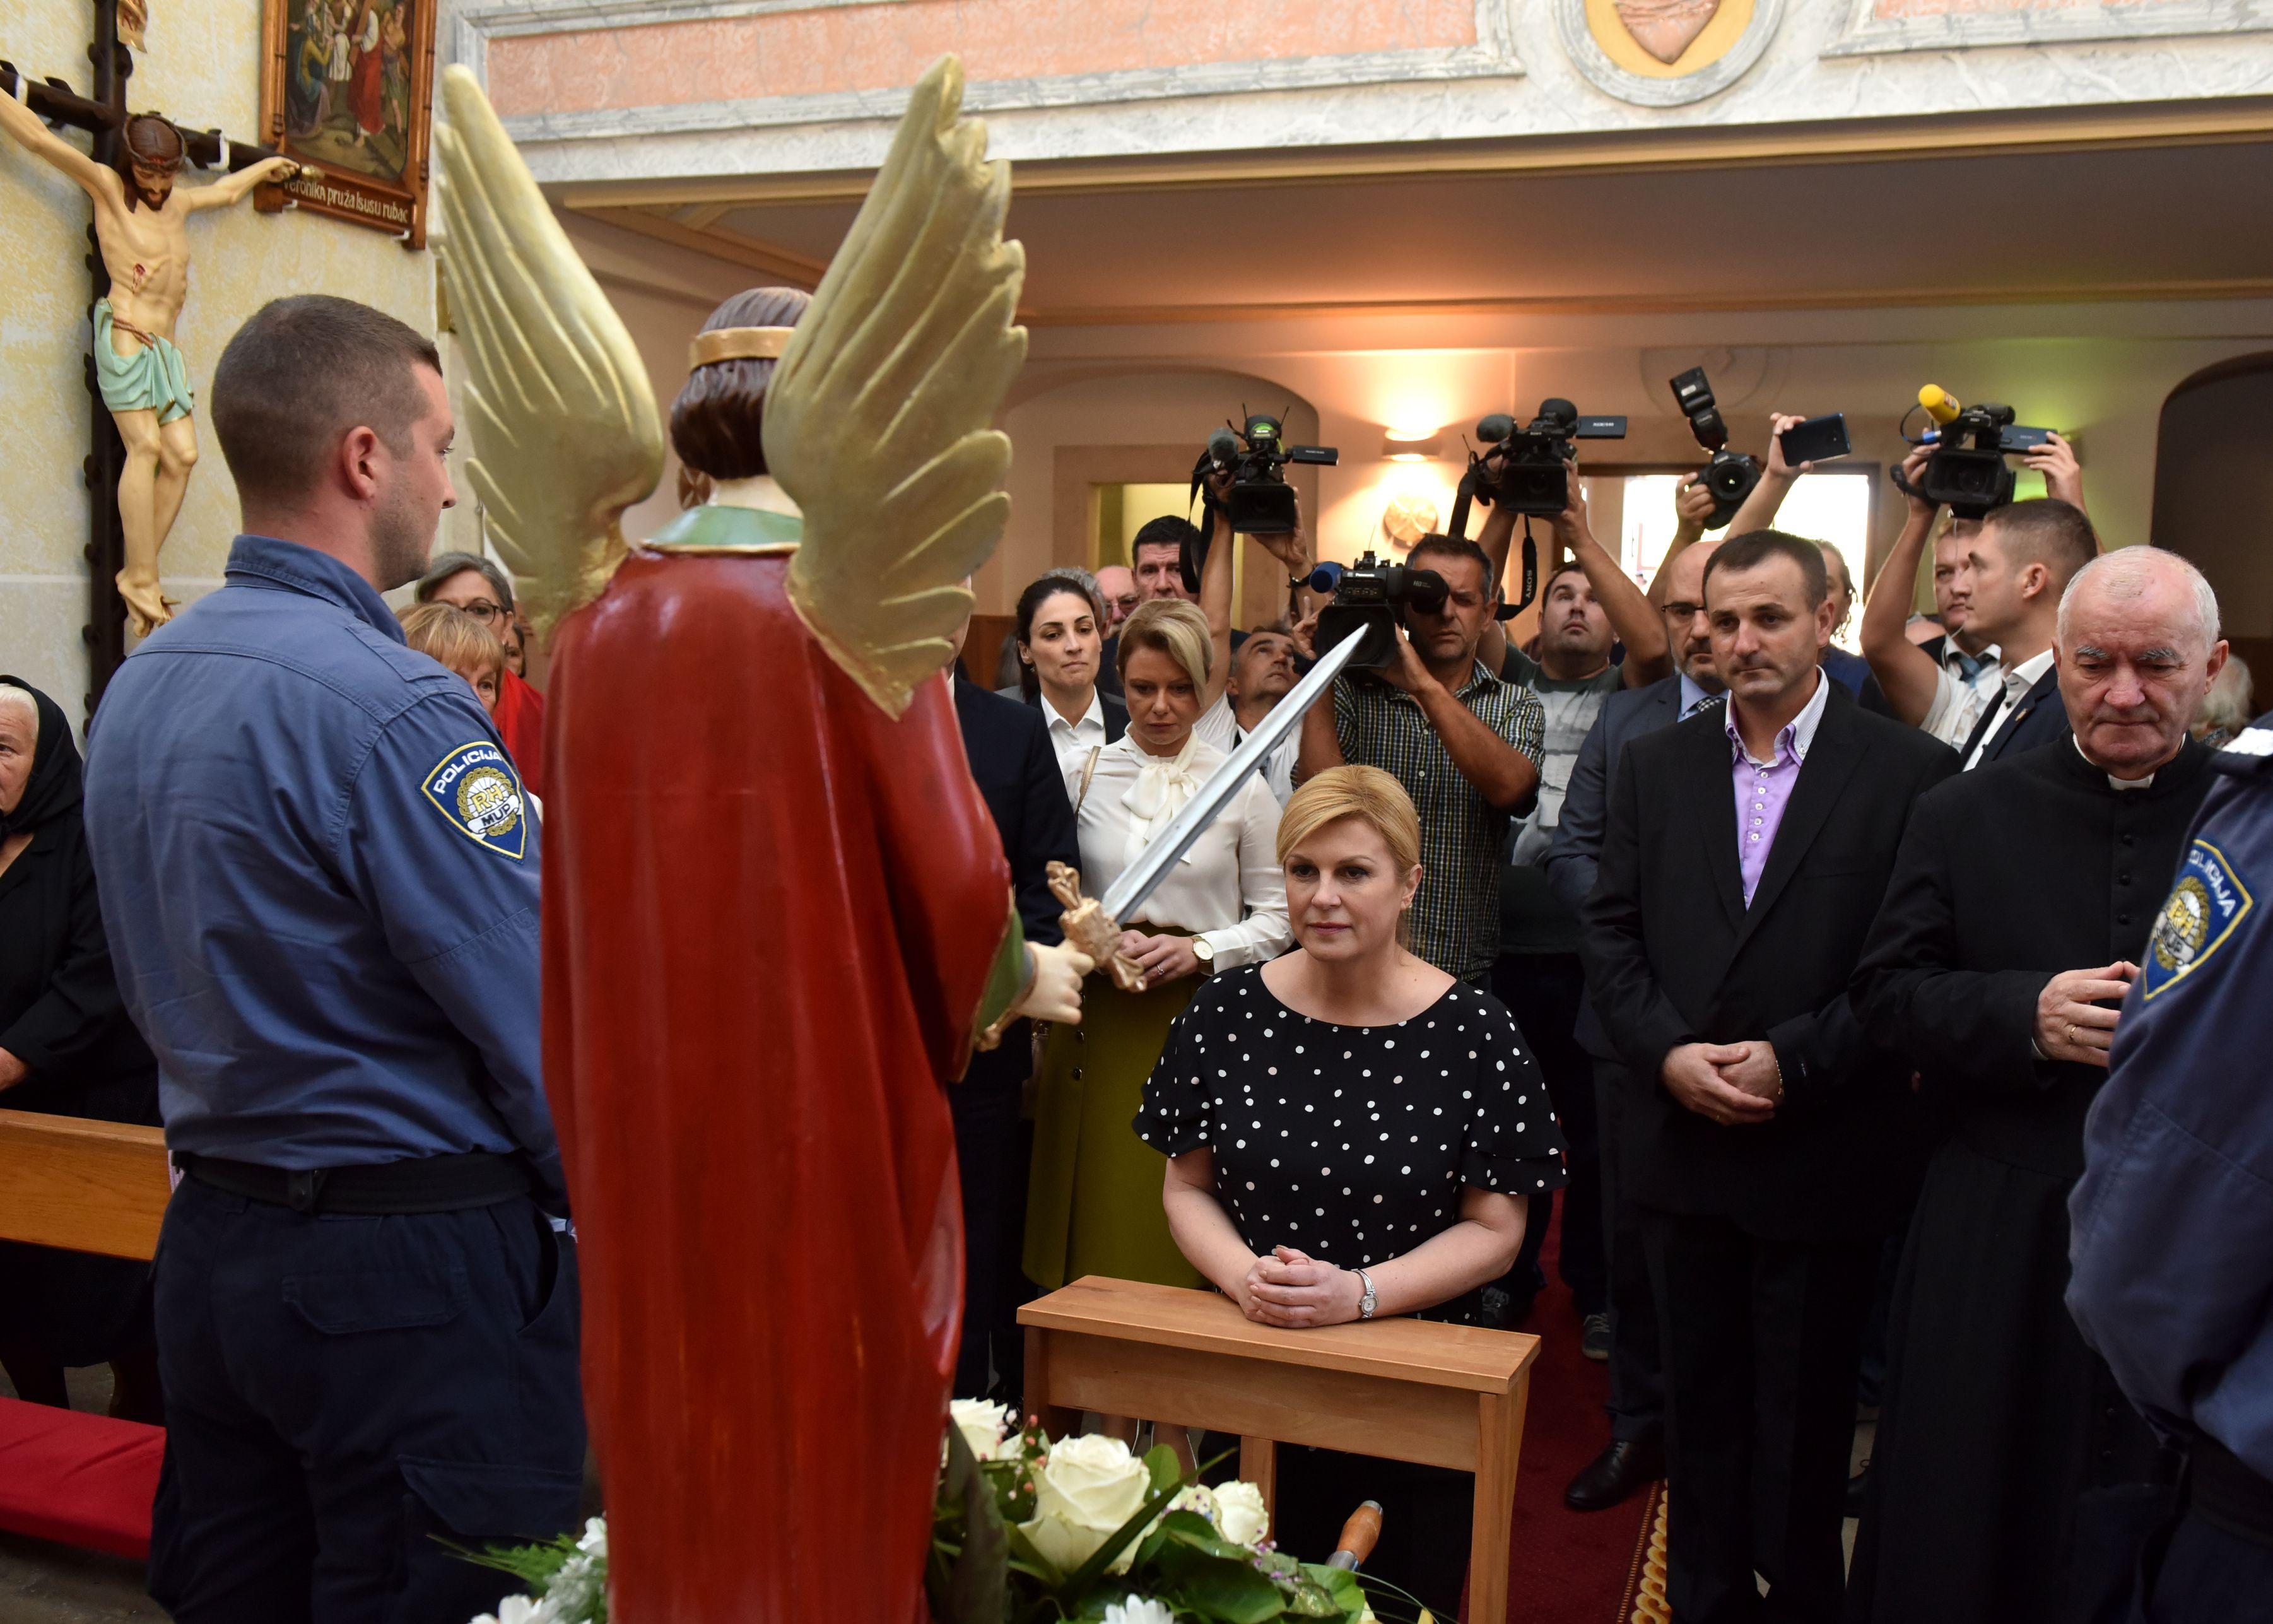 Blagdan sv. Mihovila u Trilju, u procesiji i na misi predsjednica Grabar-Kitarović i Milijan Brkić